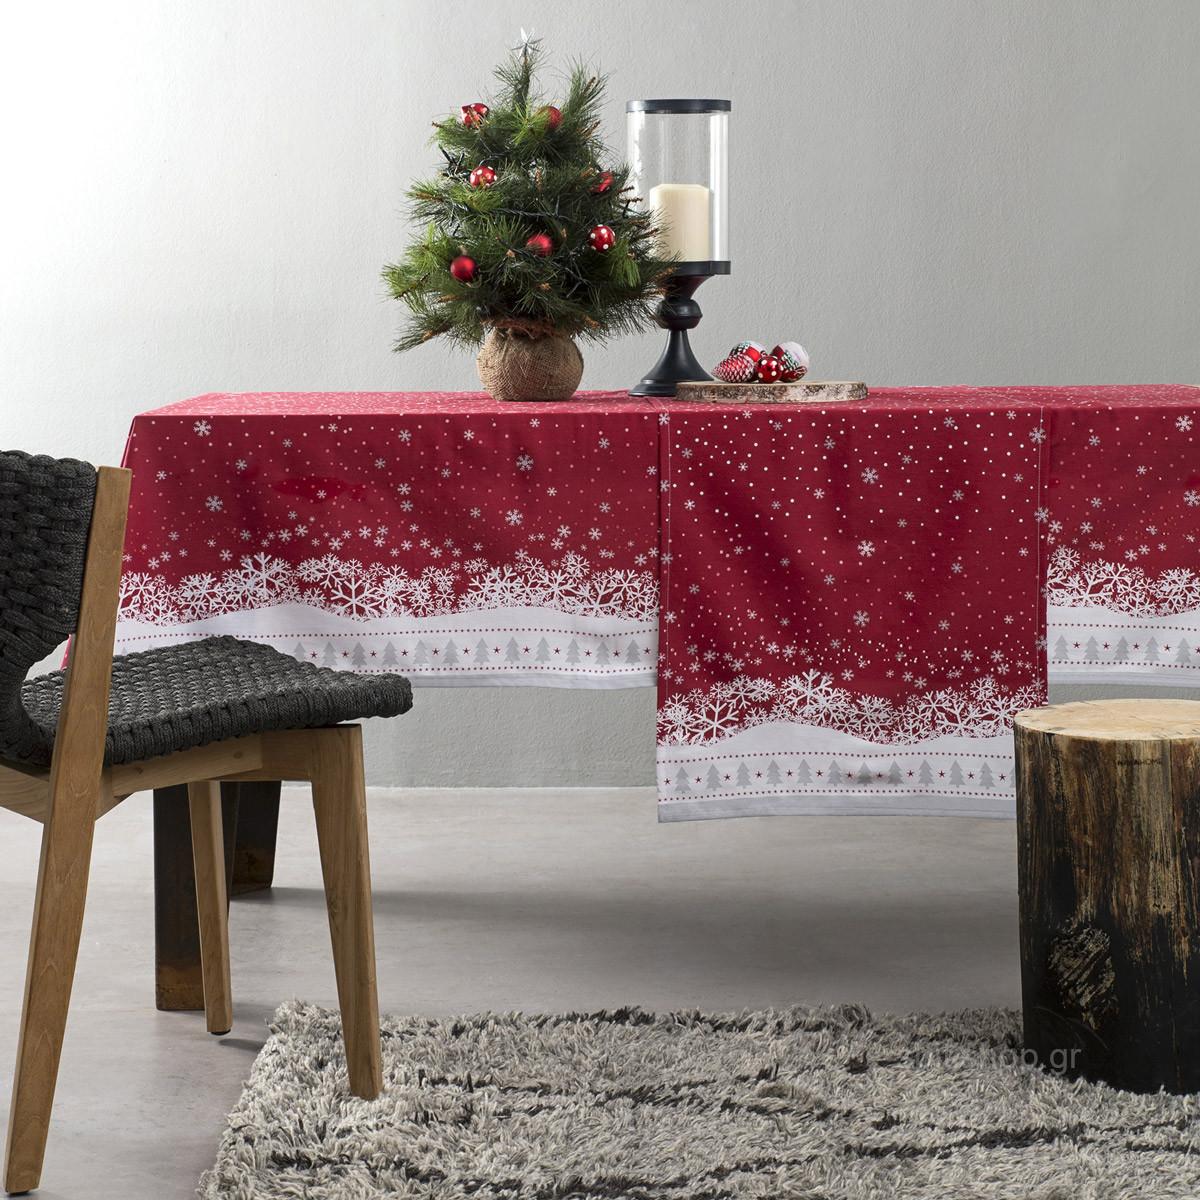 Χριστουγεννιάτικο Τραπεζομάντηλο (150×150) Nima Holly Day